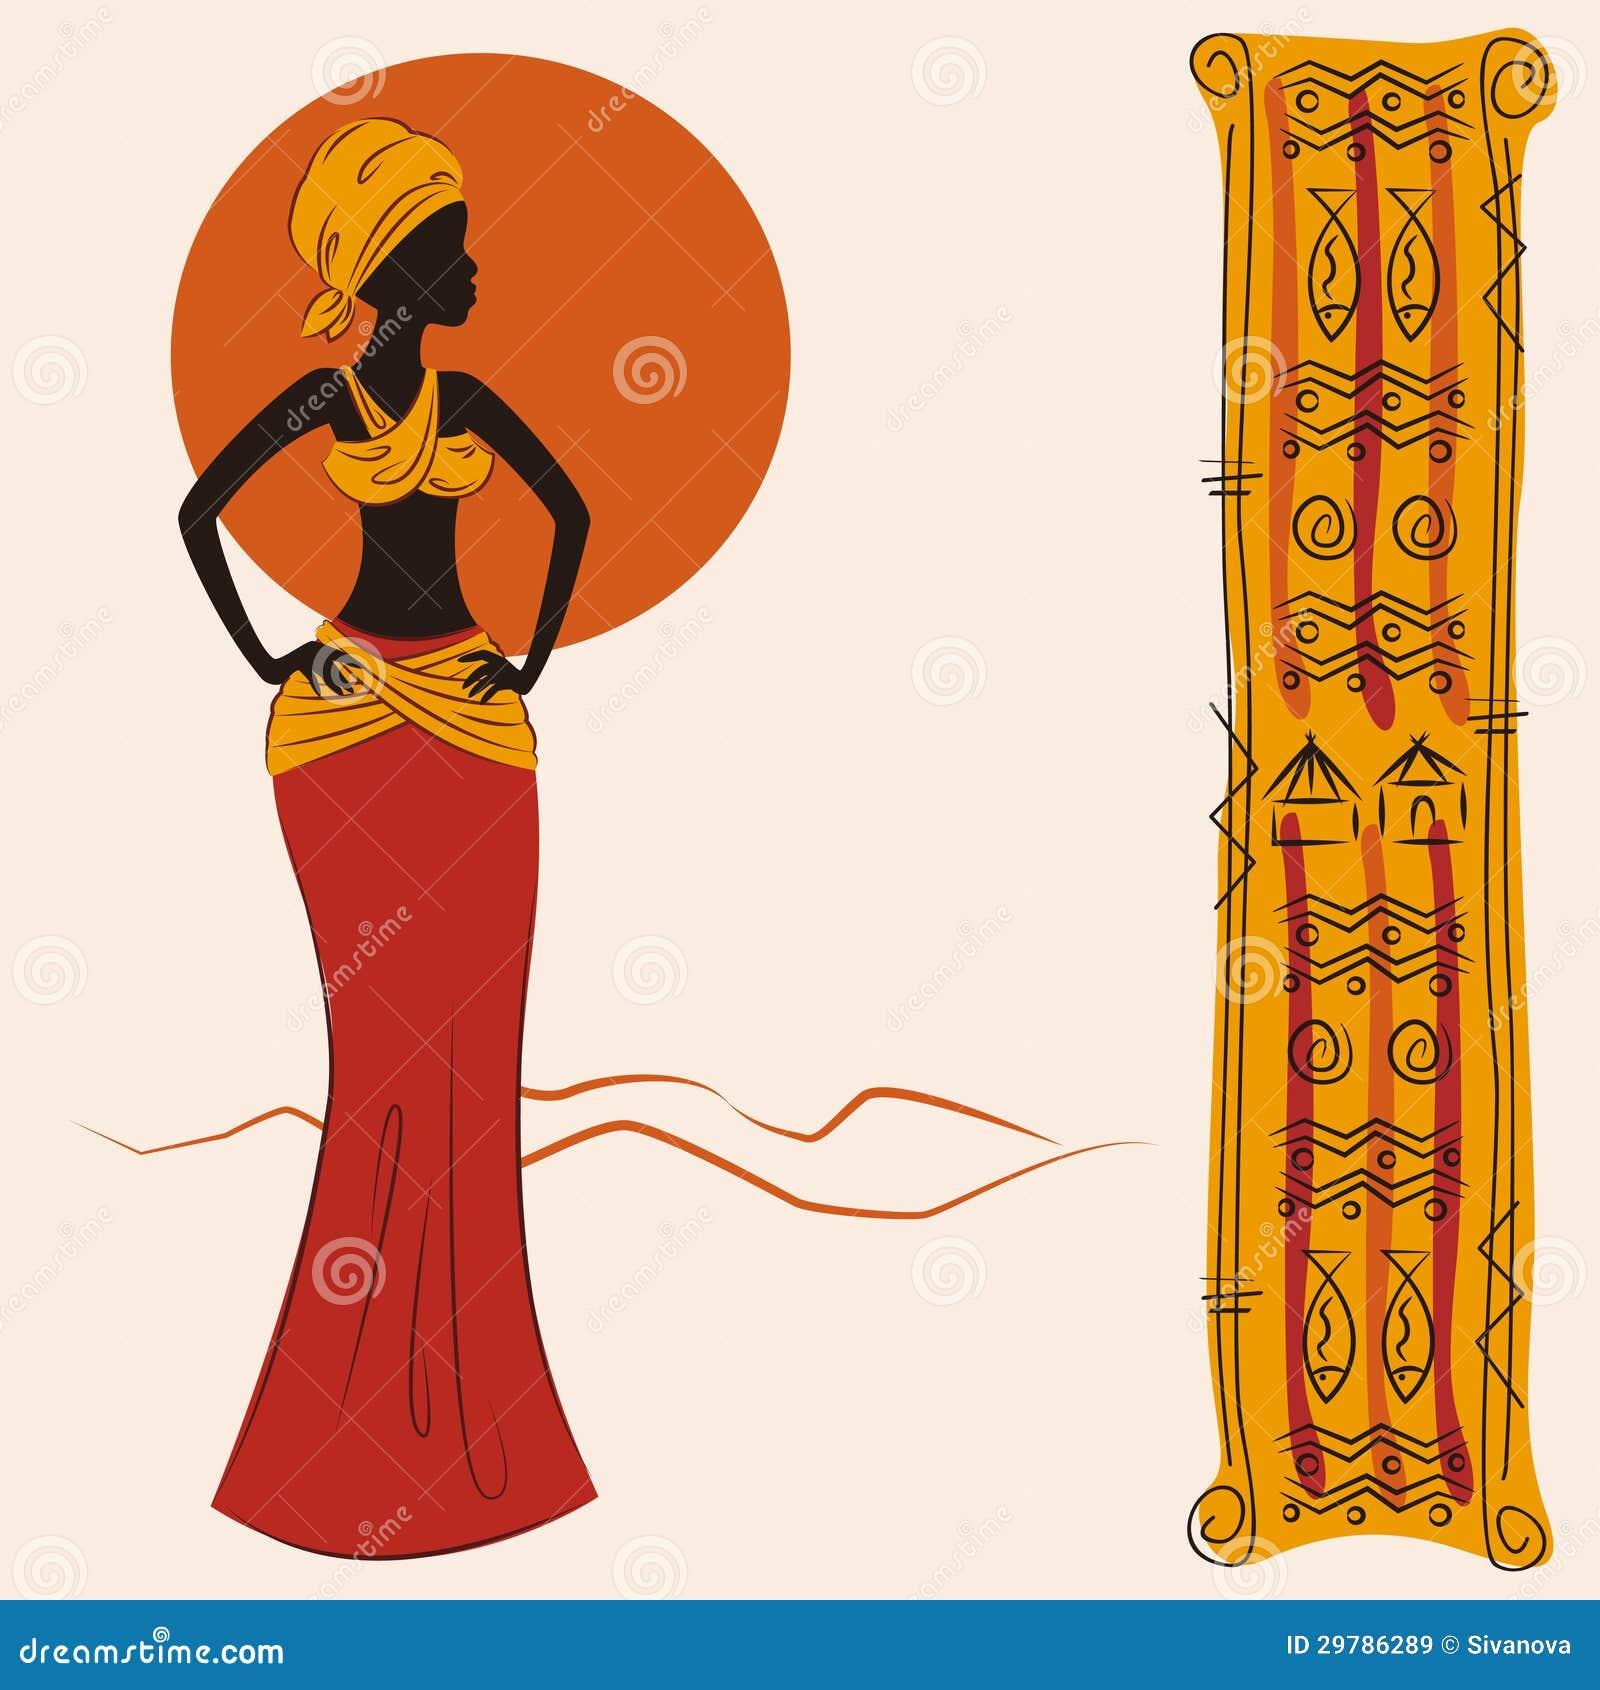 mulher-americana-africana-bonita-e-e-teste-padro-antigo-ilustrao-do-desenho-da-mo-29786289.jpg